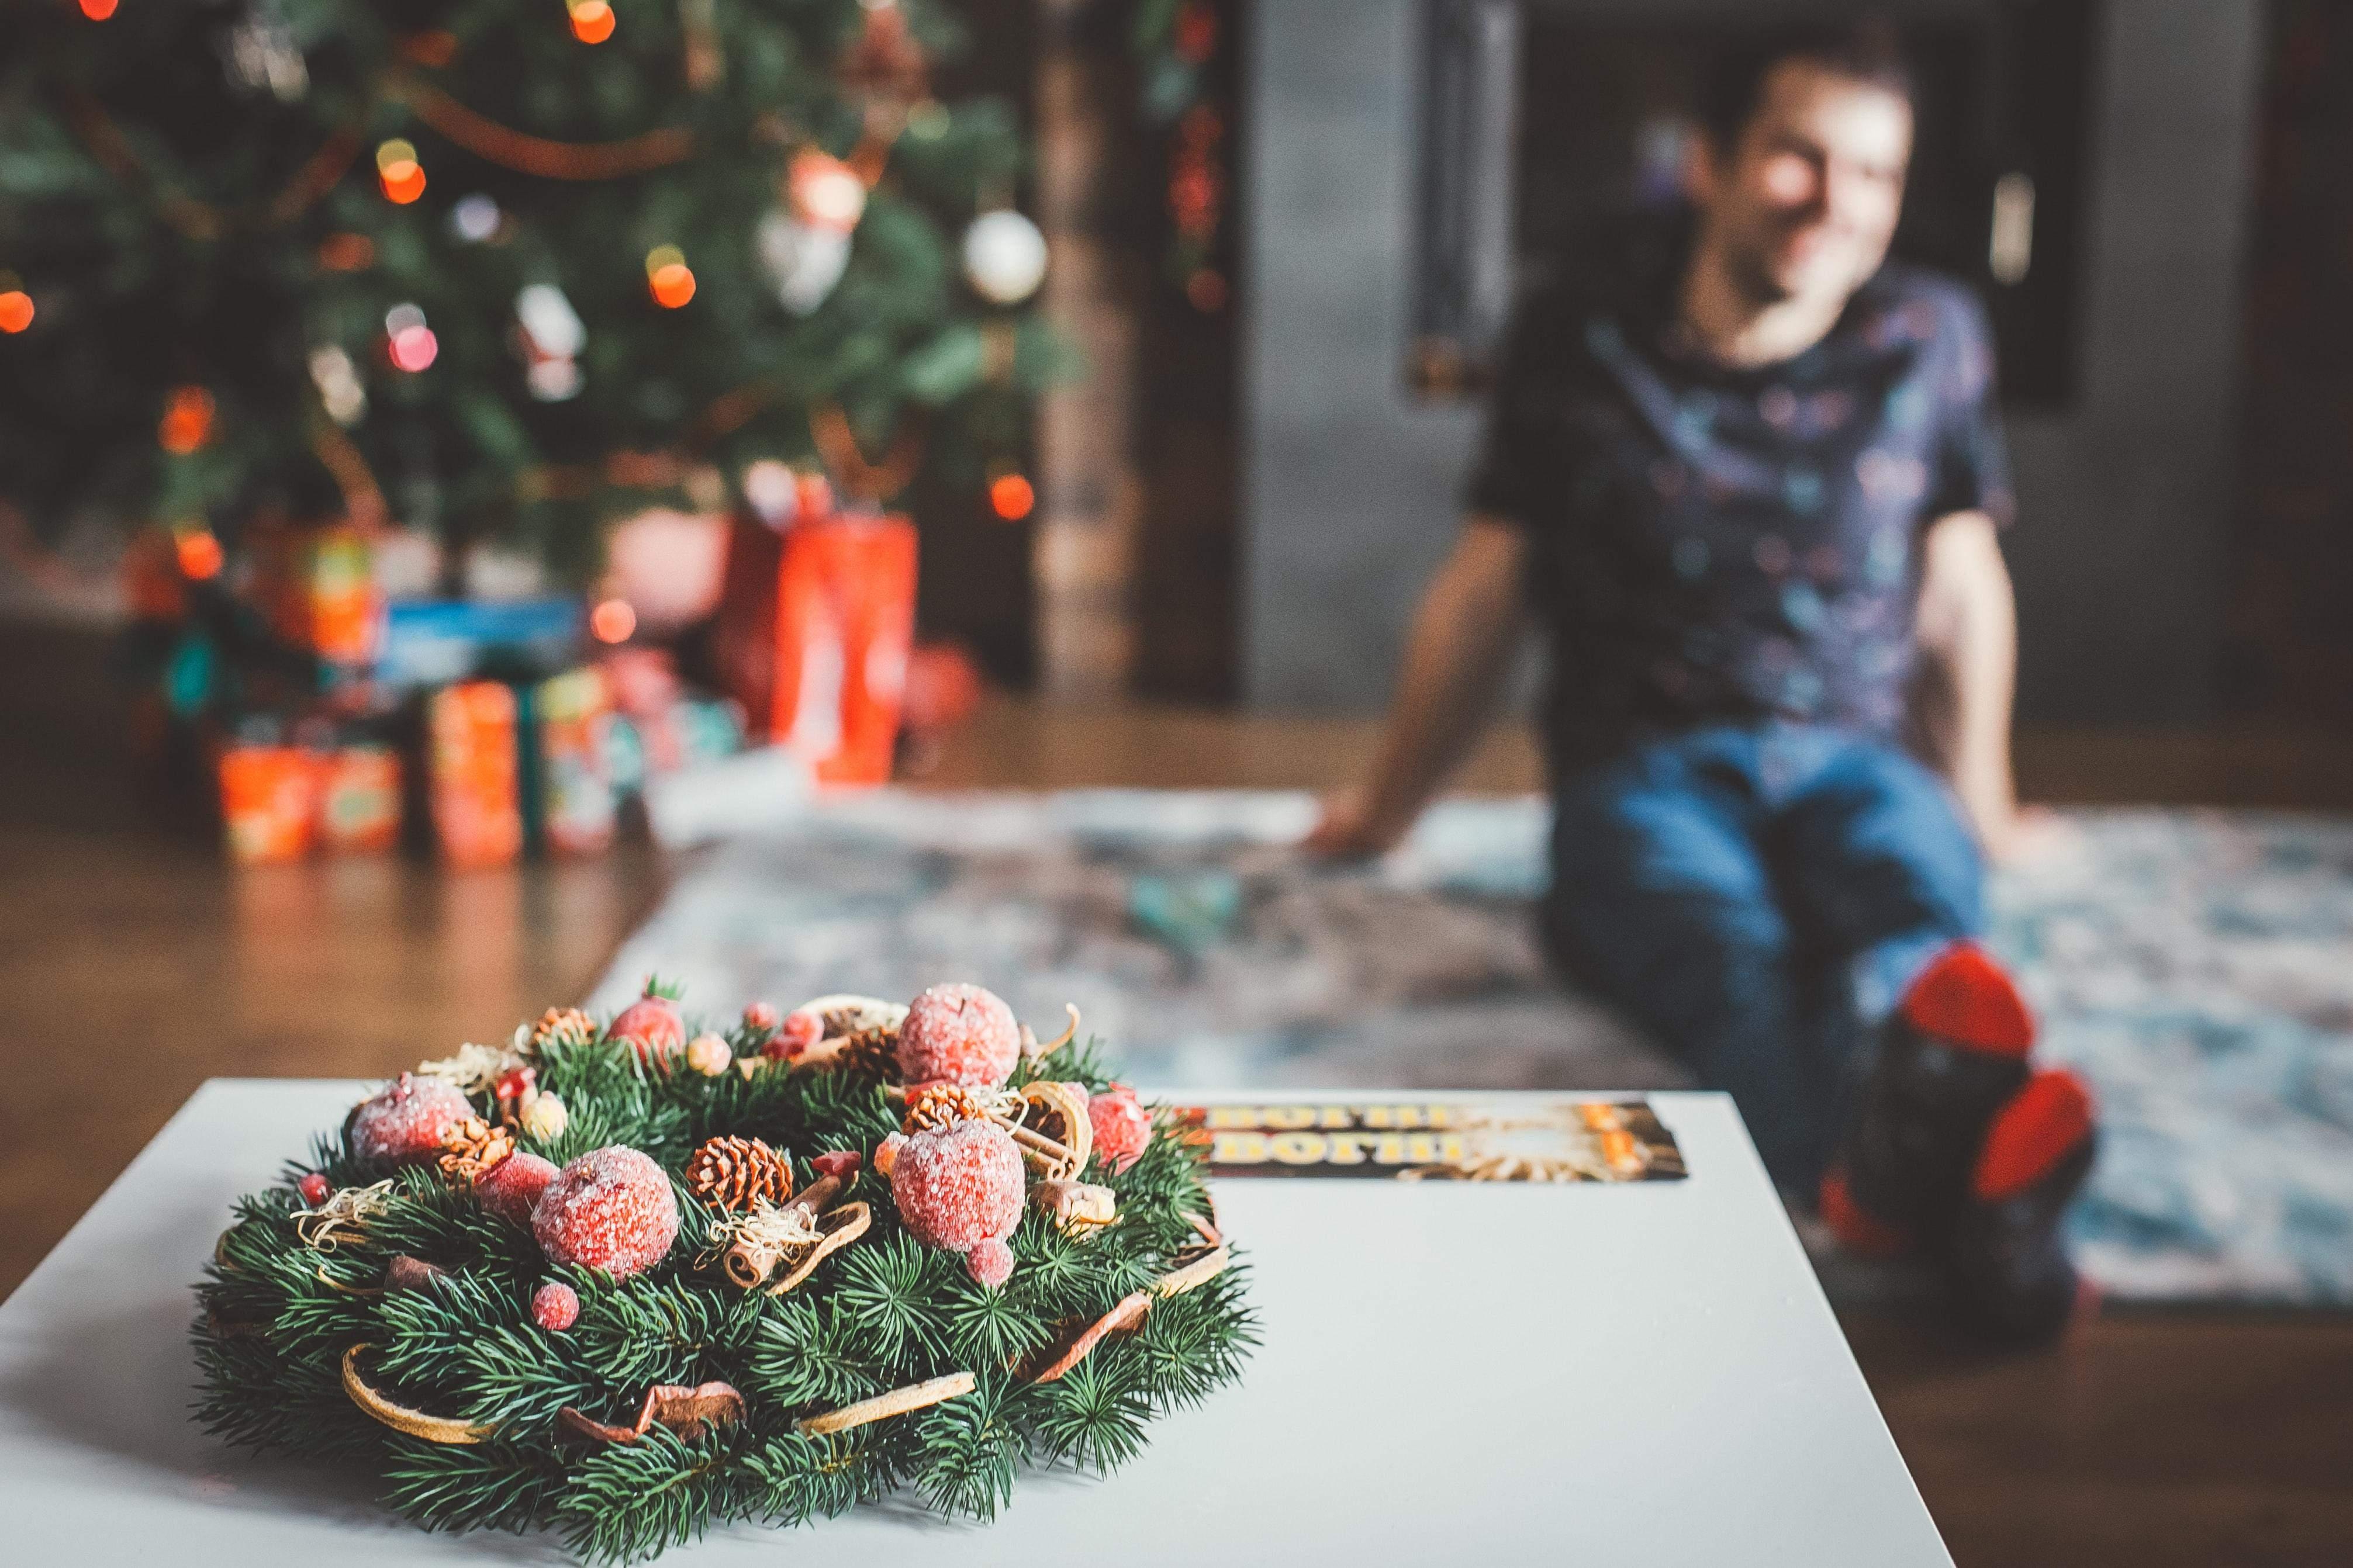 нови рік новорічні традиції новорічні ігри